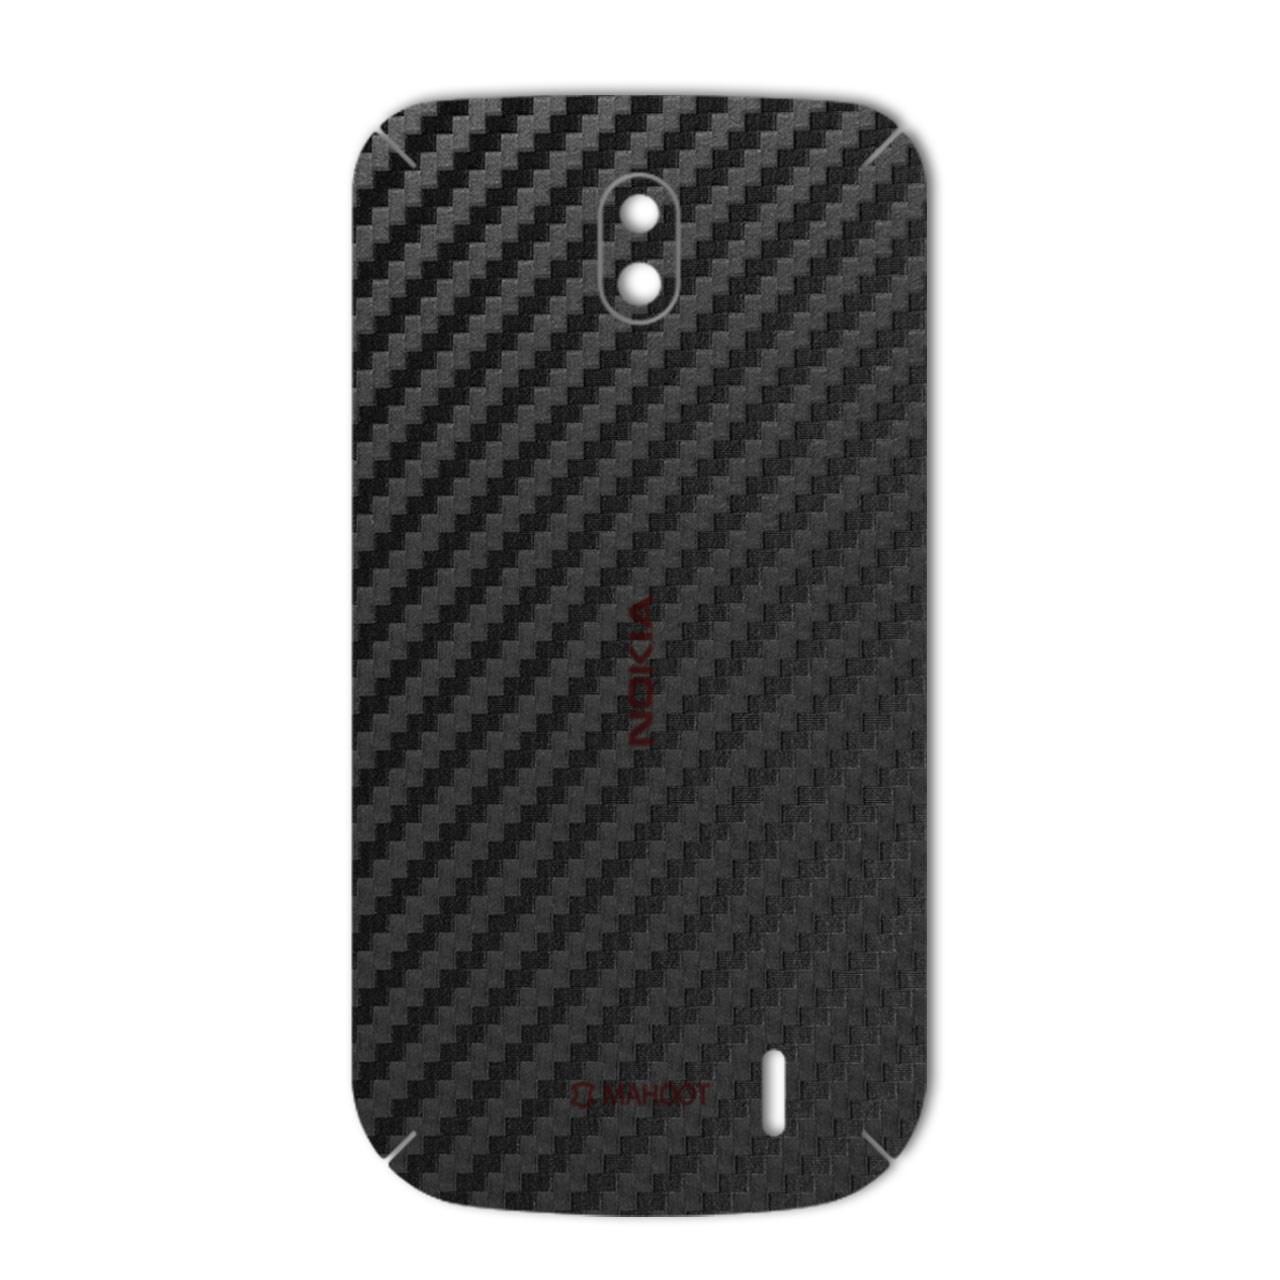 برچسب پوششی ماهوت مدل Carbon-fiber Texture مناسب برای گوشی  Nokia 1